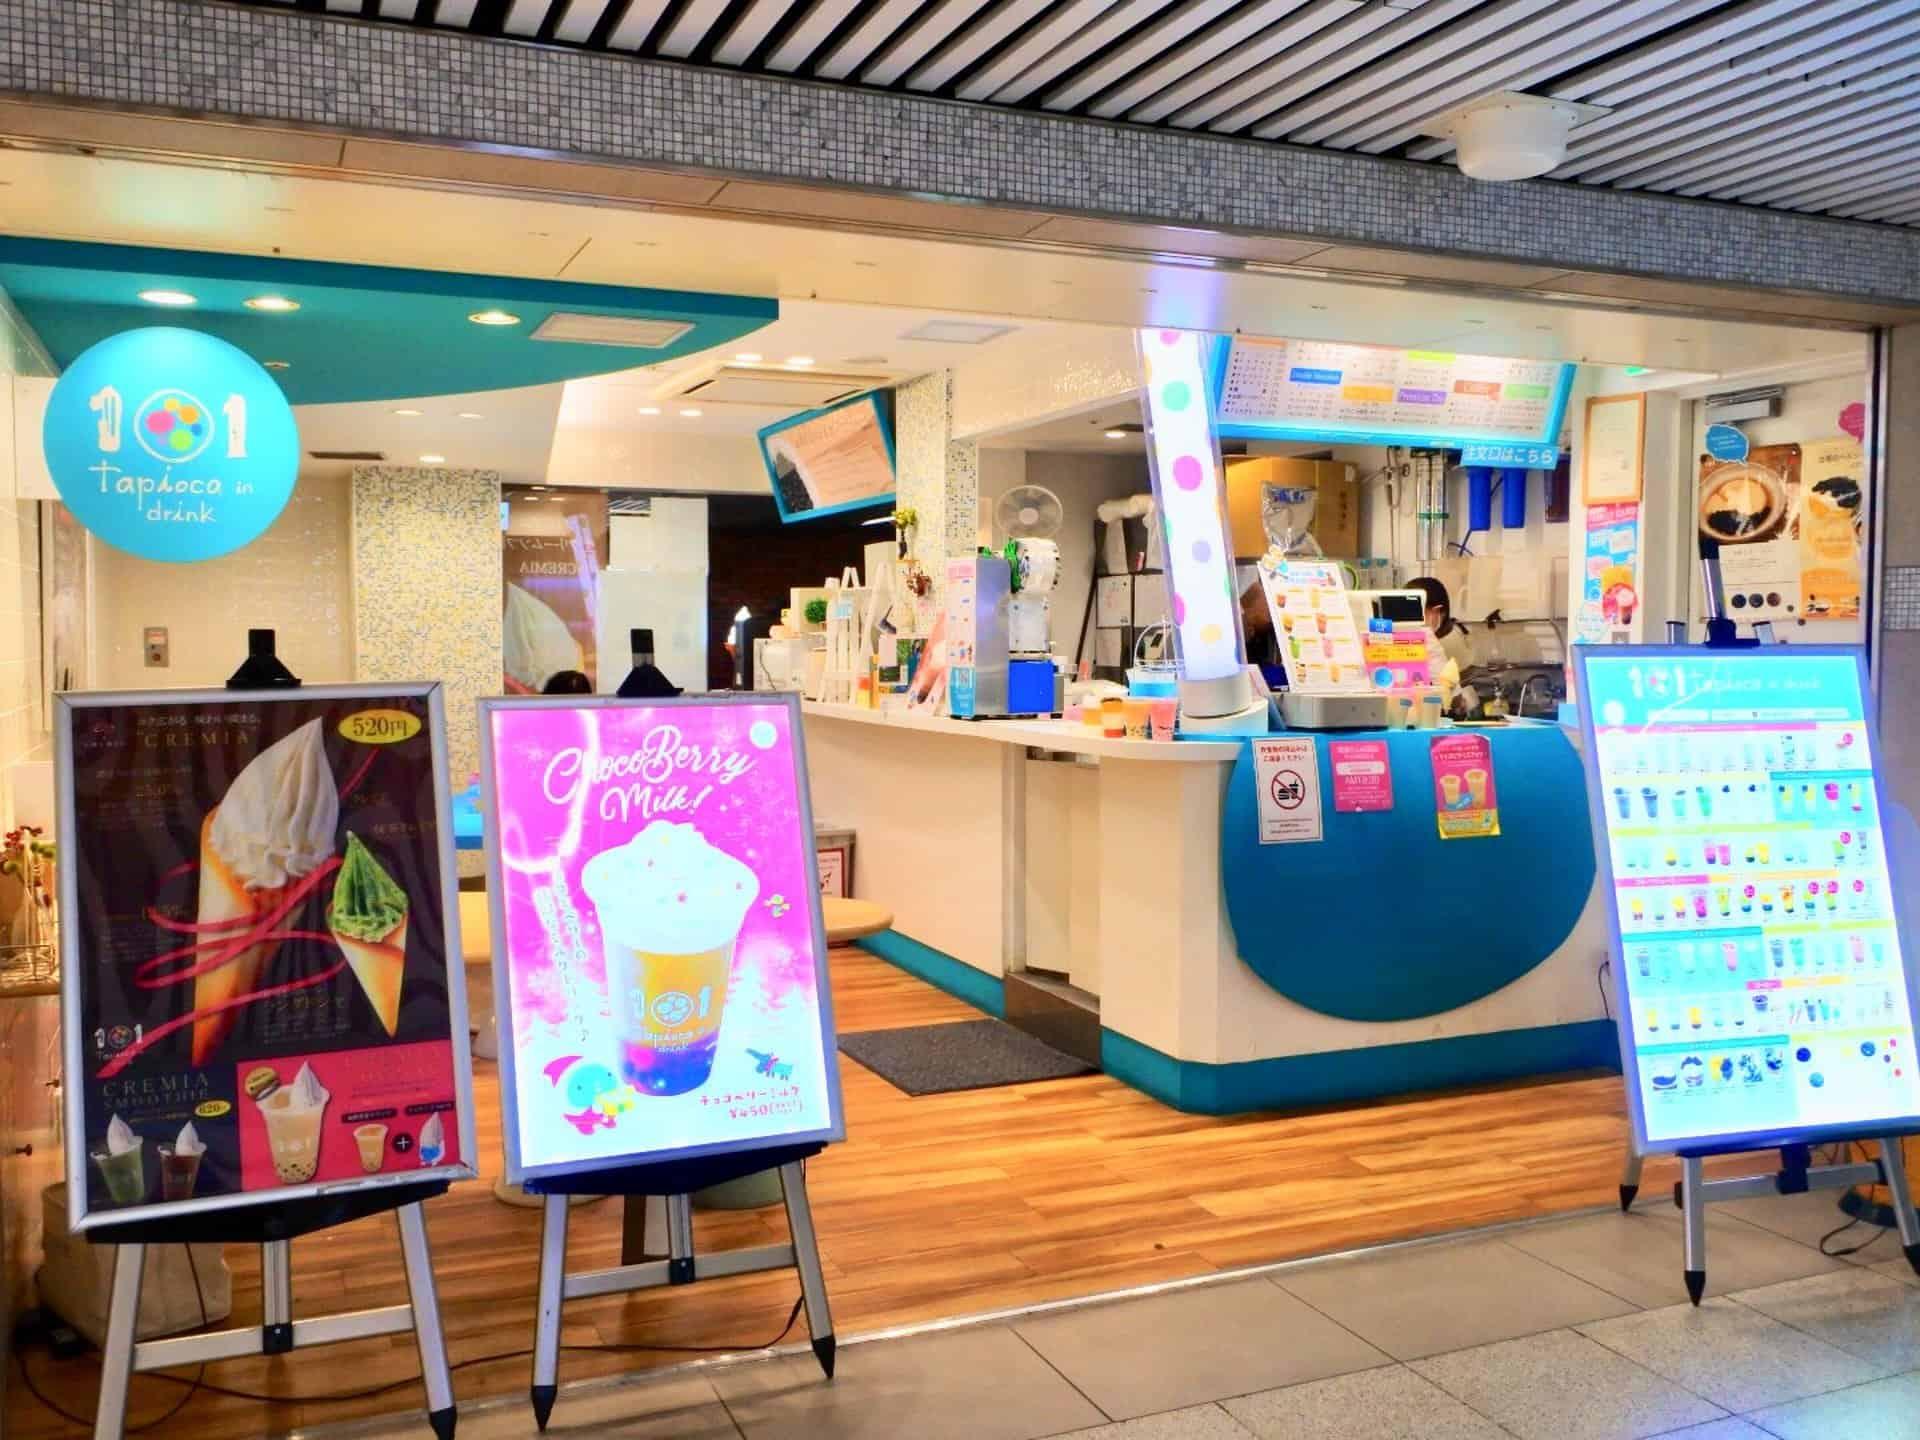 ชานมไข่มุก โอซาก้า (Bubble Milk Tea in Osaka) - 101 Milk Tea